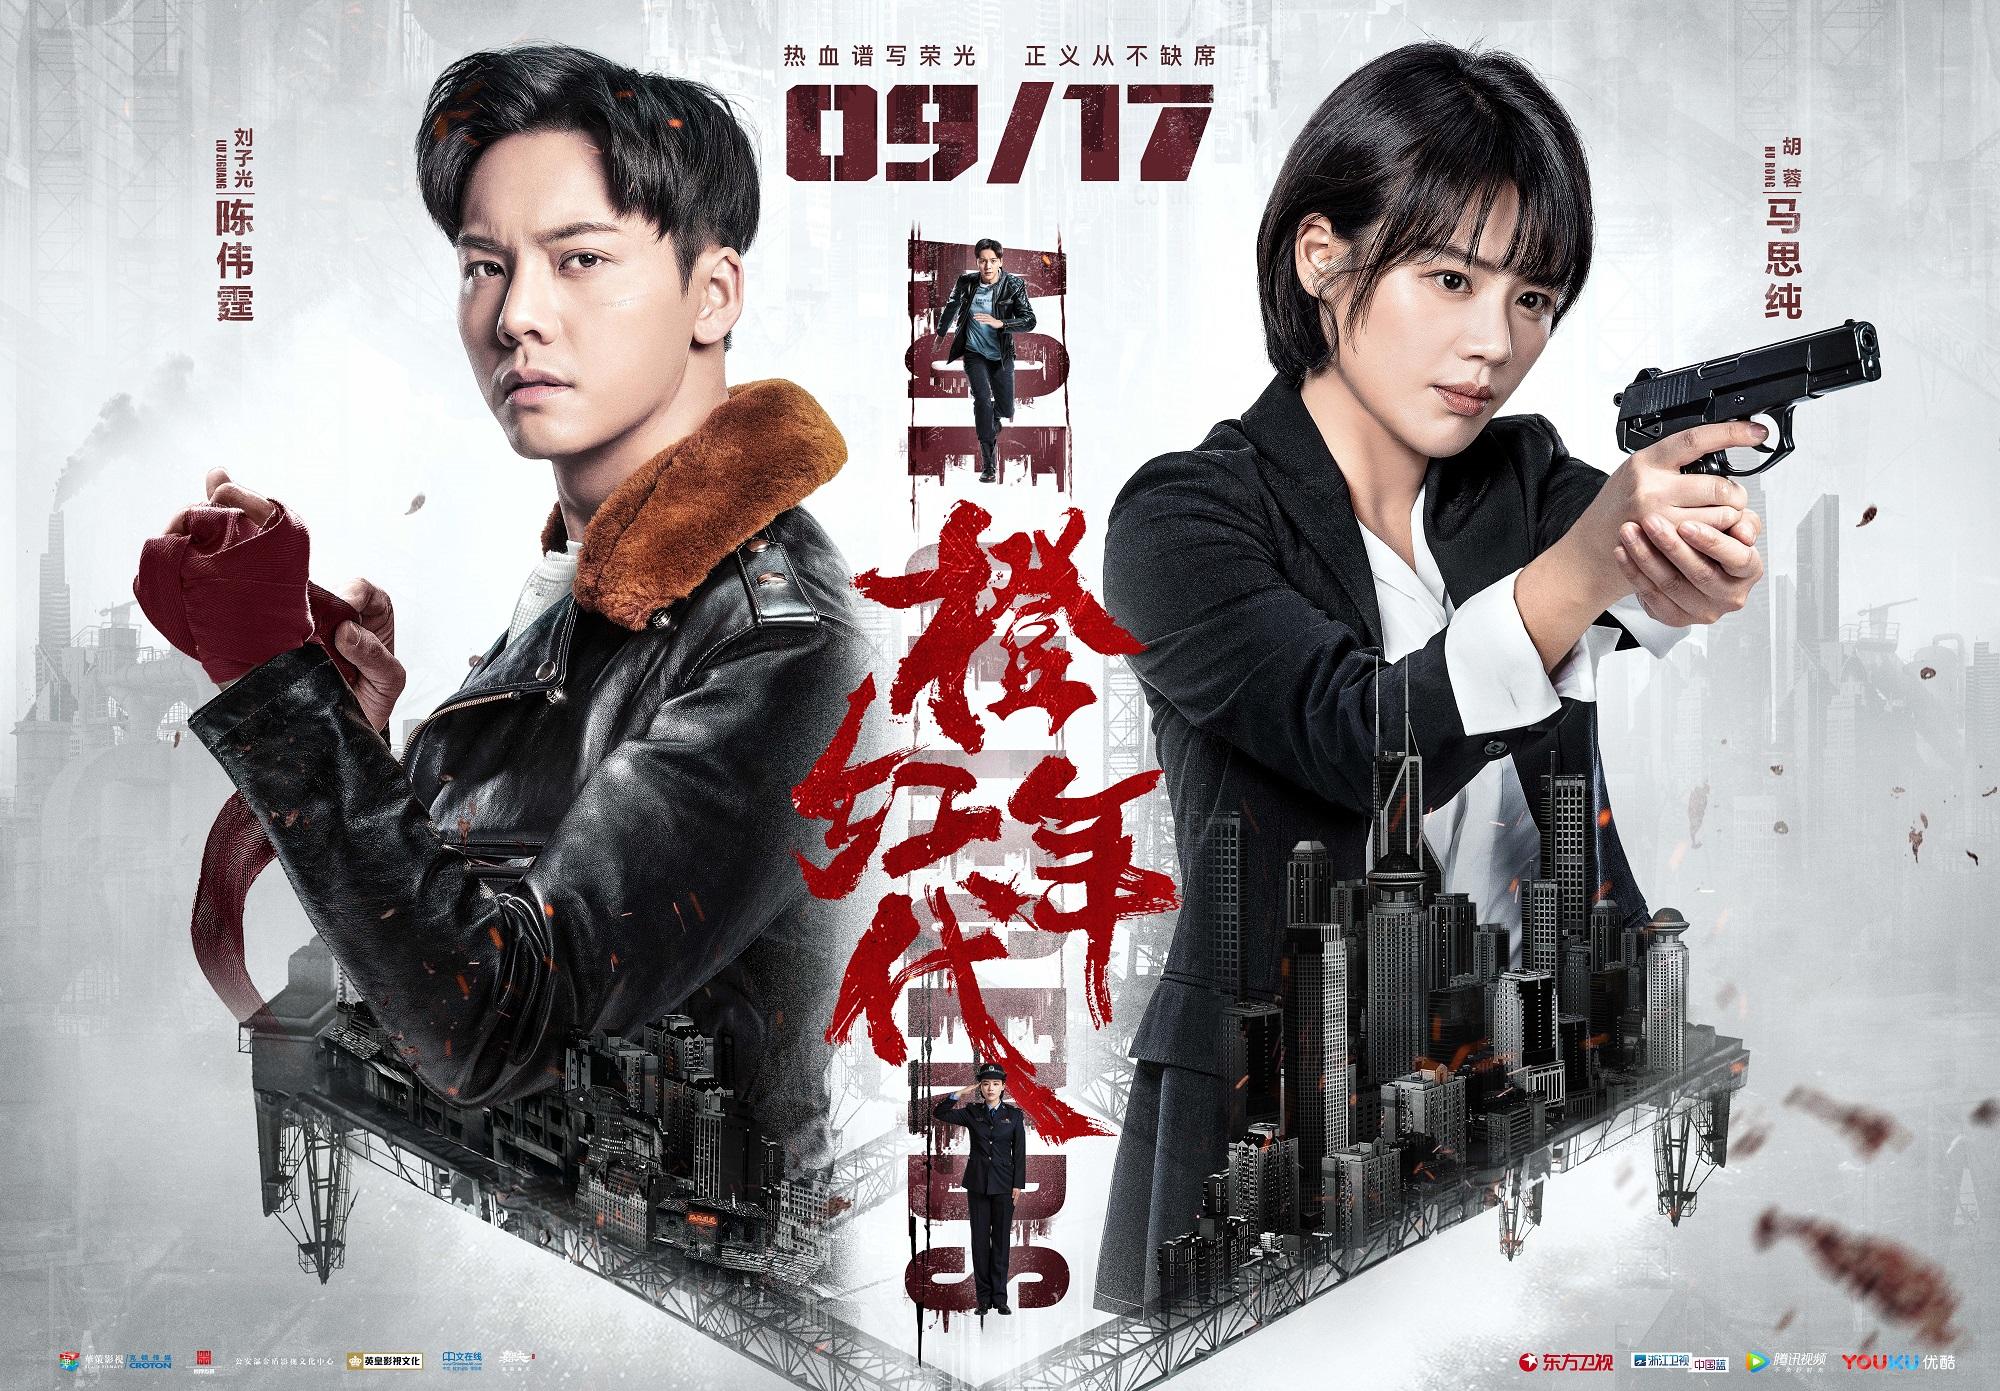 《橙红年代》定档917 陈伟霆马思纯演绎英雄赞歌